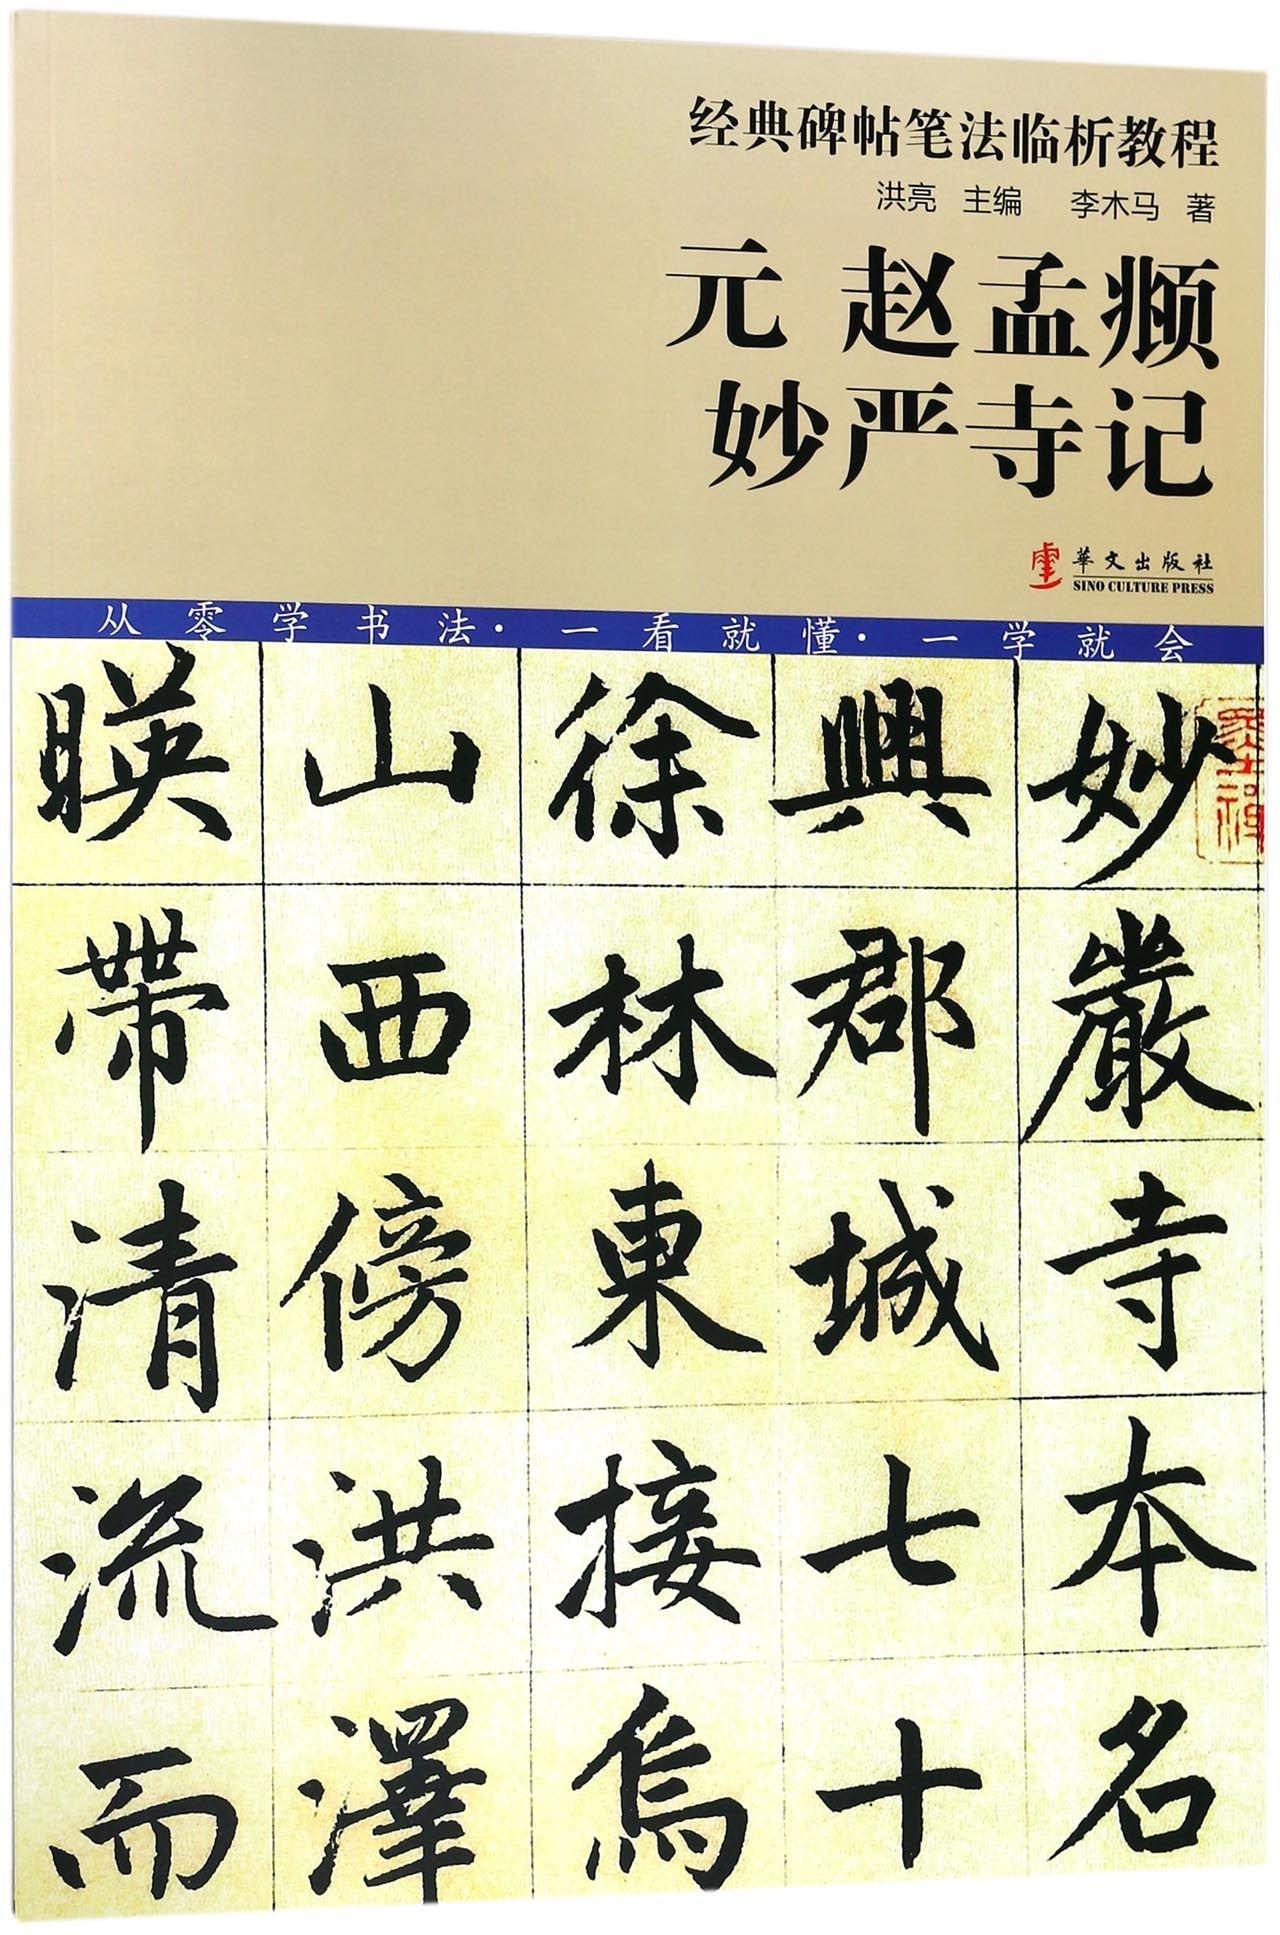 元赵孟妙严寺记/经典碑帖笔法临析教程 ebook